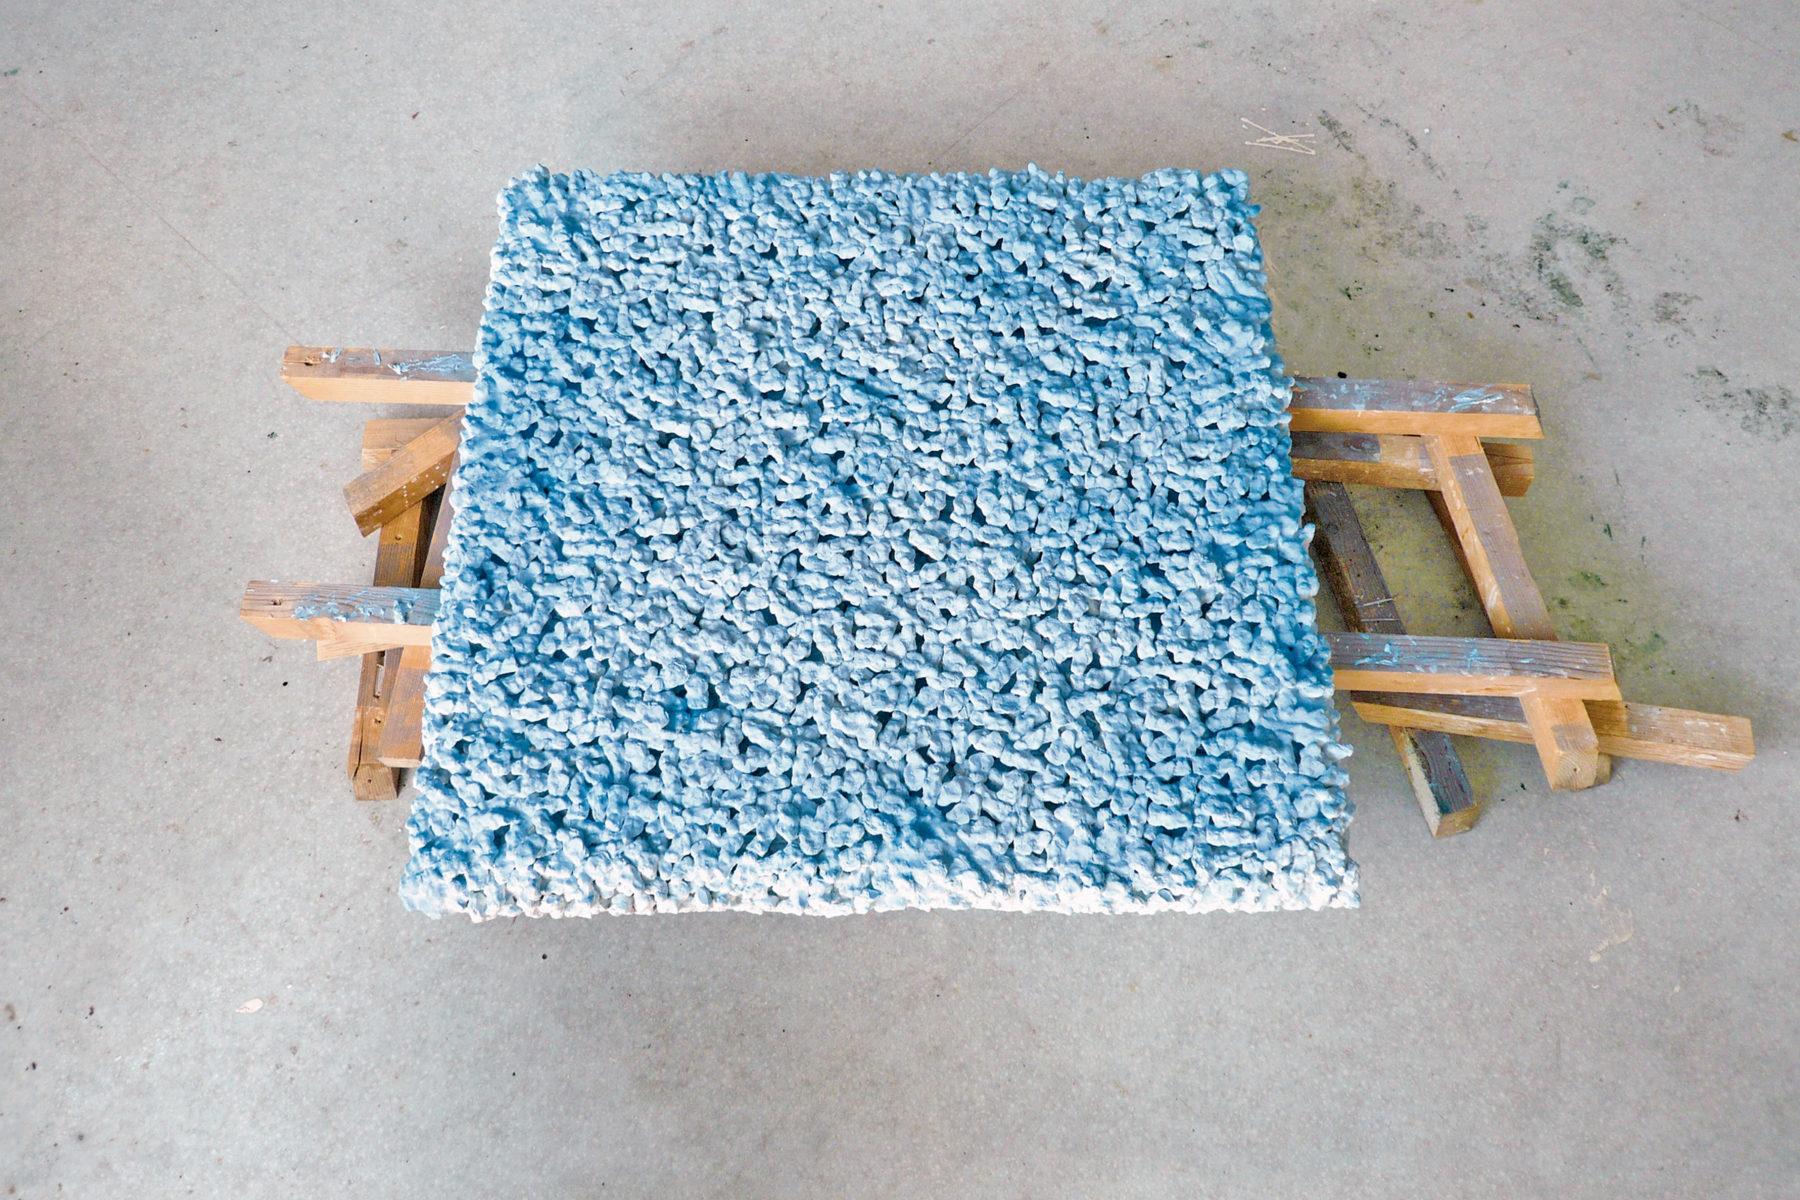 Rok Bogataj, Effigie, 2011, synthetic plaster, mixed media, 100 x 100 x 25 cm